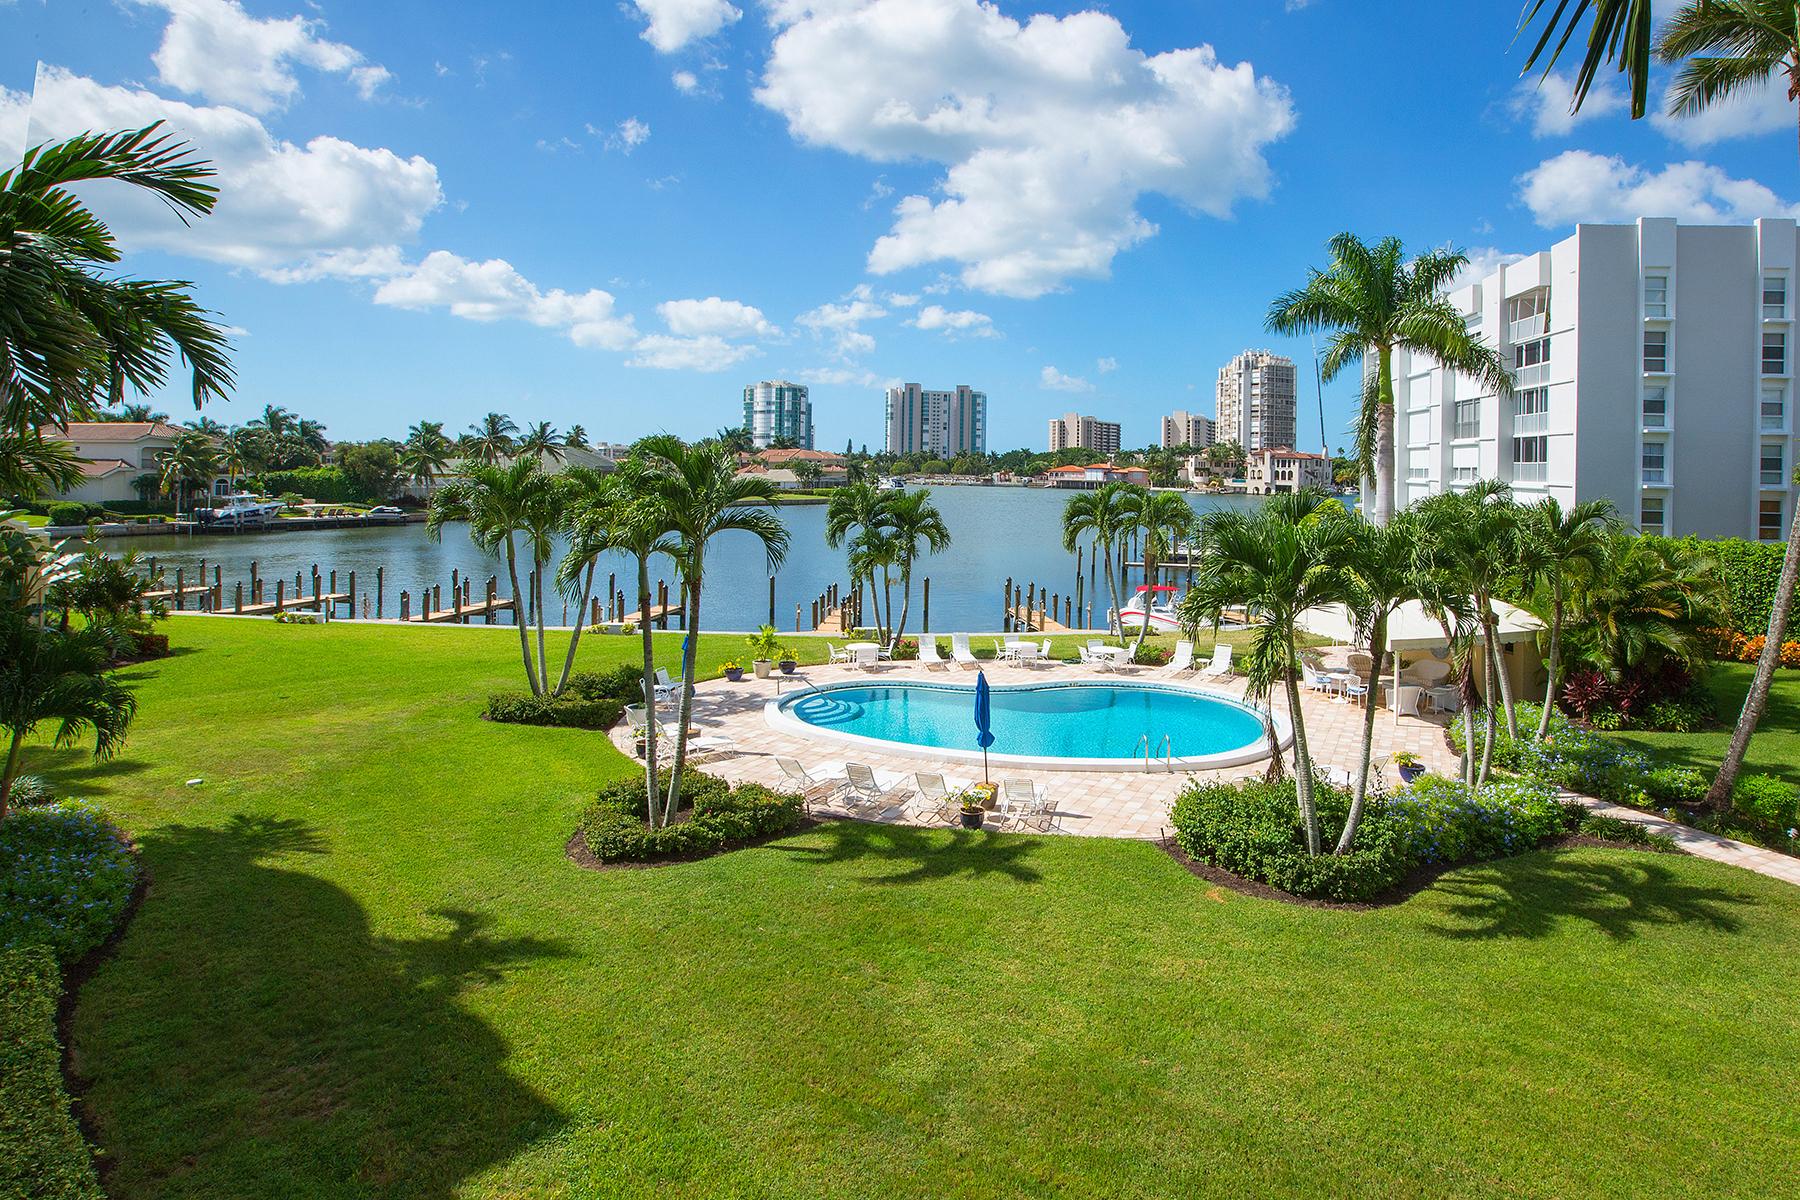 Kat Mülkiyeti için Satış at PARK SHORE - COLONY GARDENS 400 Park Shore Dr 301 Naples, Florida, 34103 Amerika Birleşik Devletleri